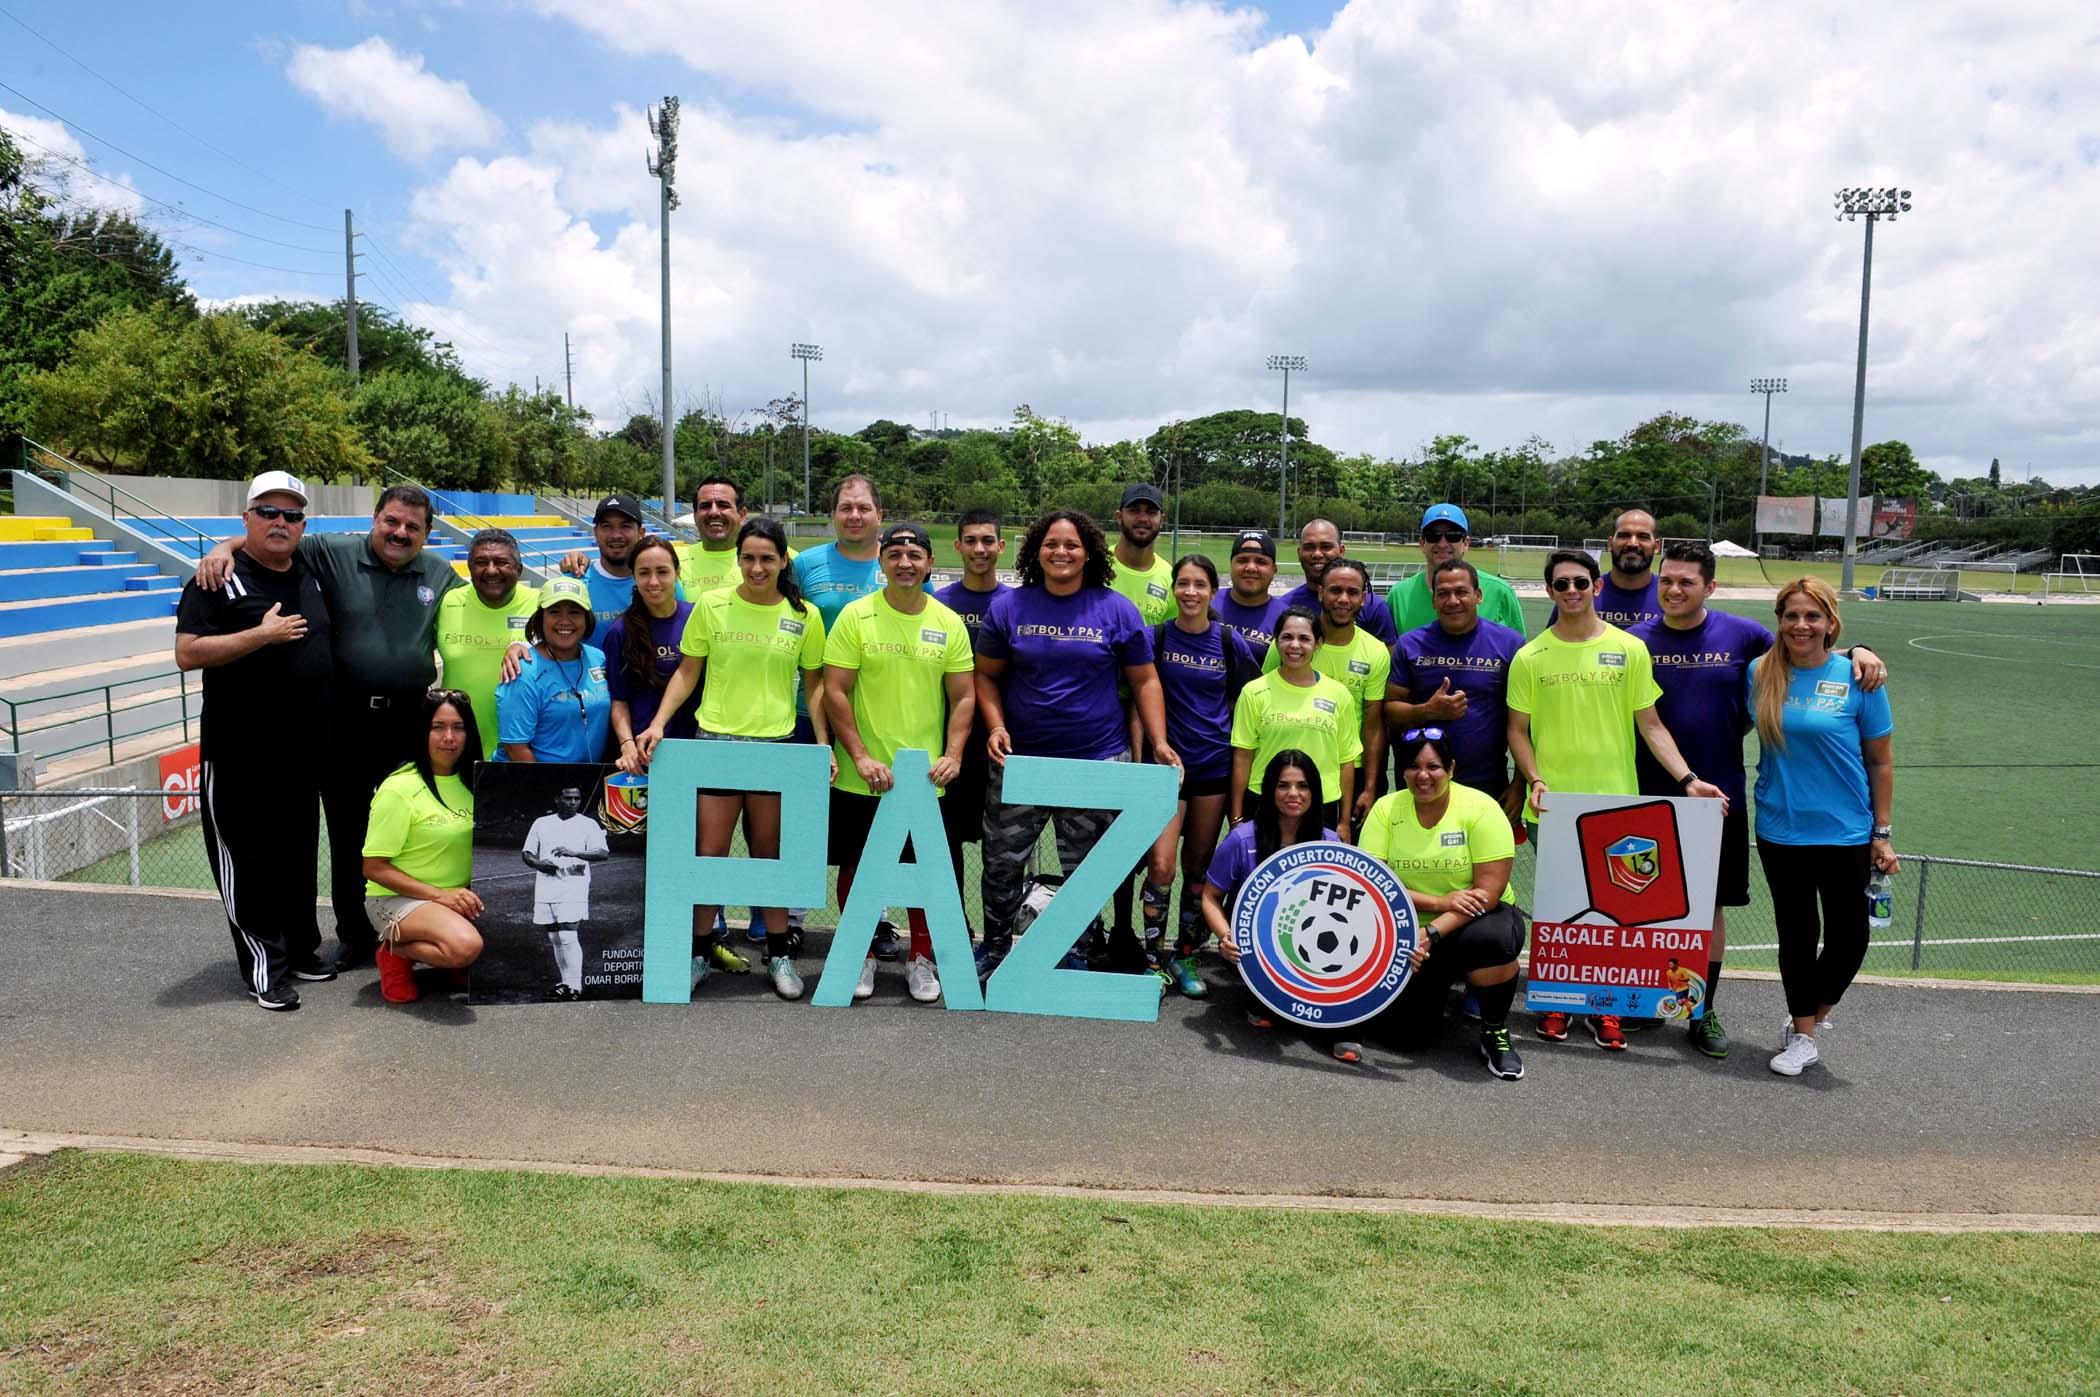 Llena de emociones culmina la 2da edición de la Copa de Paz